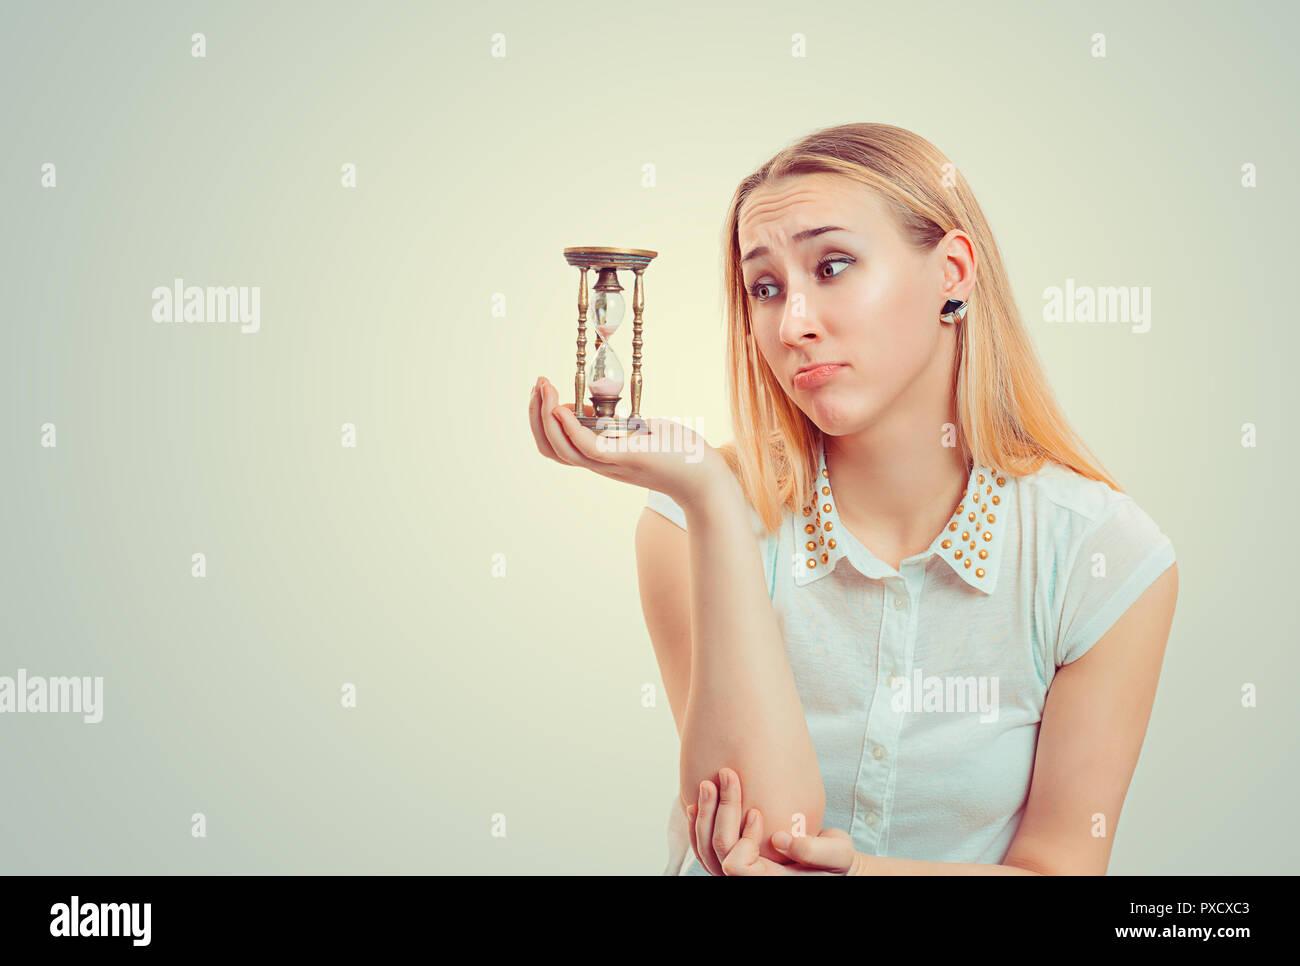 Mujer rubia haciendo lástima expresión facial y mirando el reloj de arena en la esperanza Imagen De Stock